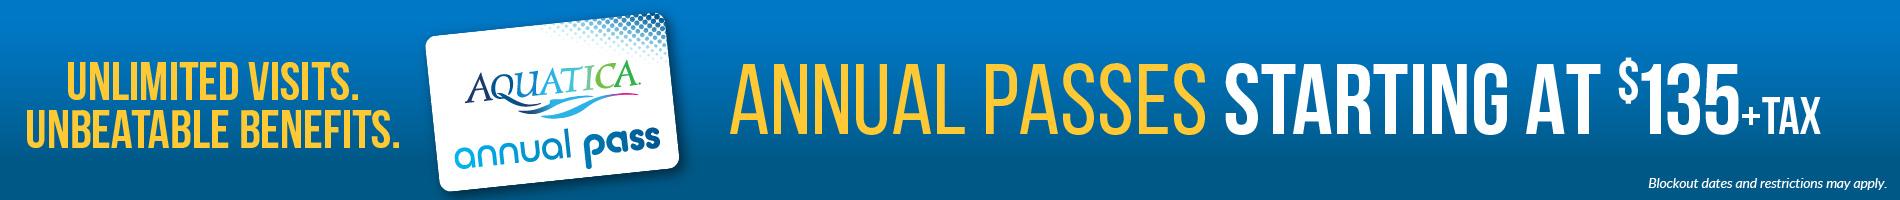 Aquatica Orlando Annual Pass